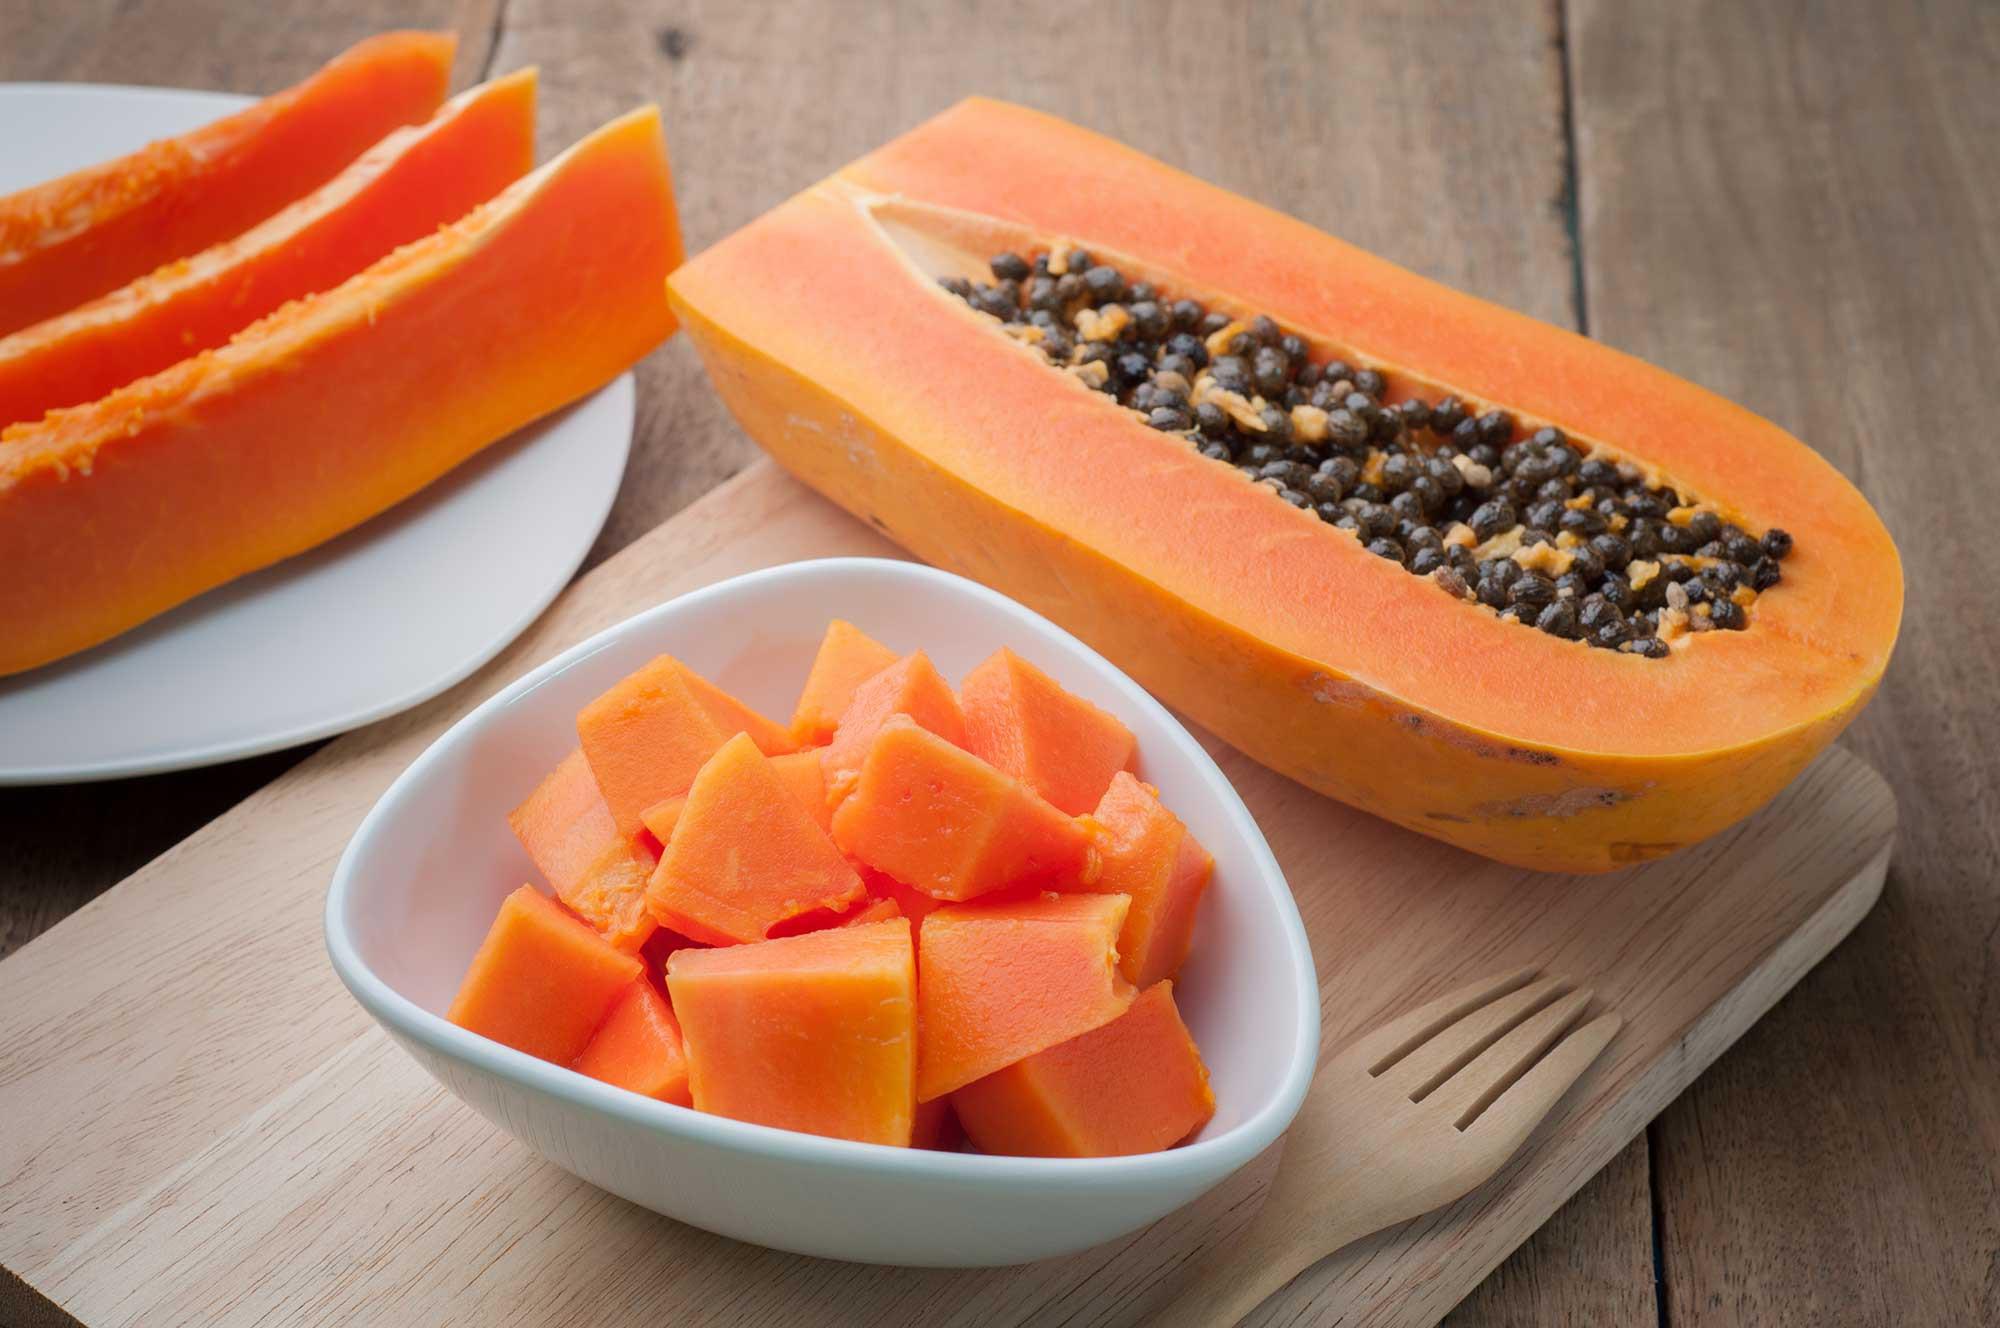 Cơ thể chất chứa quá nhiều độc tố: ăn ngay 7 loại trái cây này để thải bỏ độc tố ra ngoài - Ảnh 4.